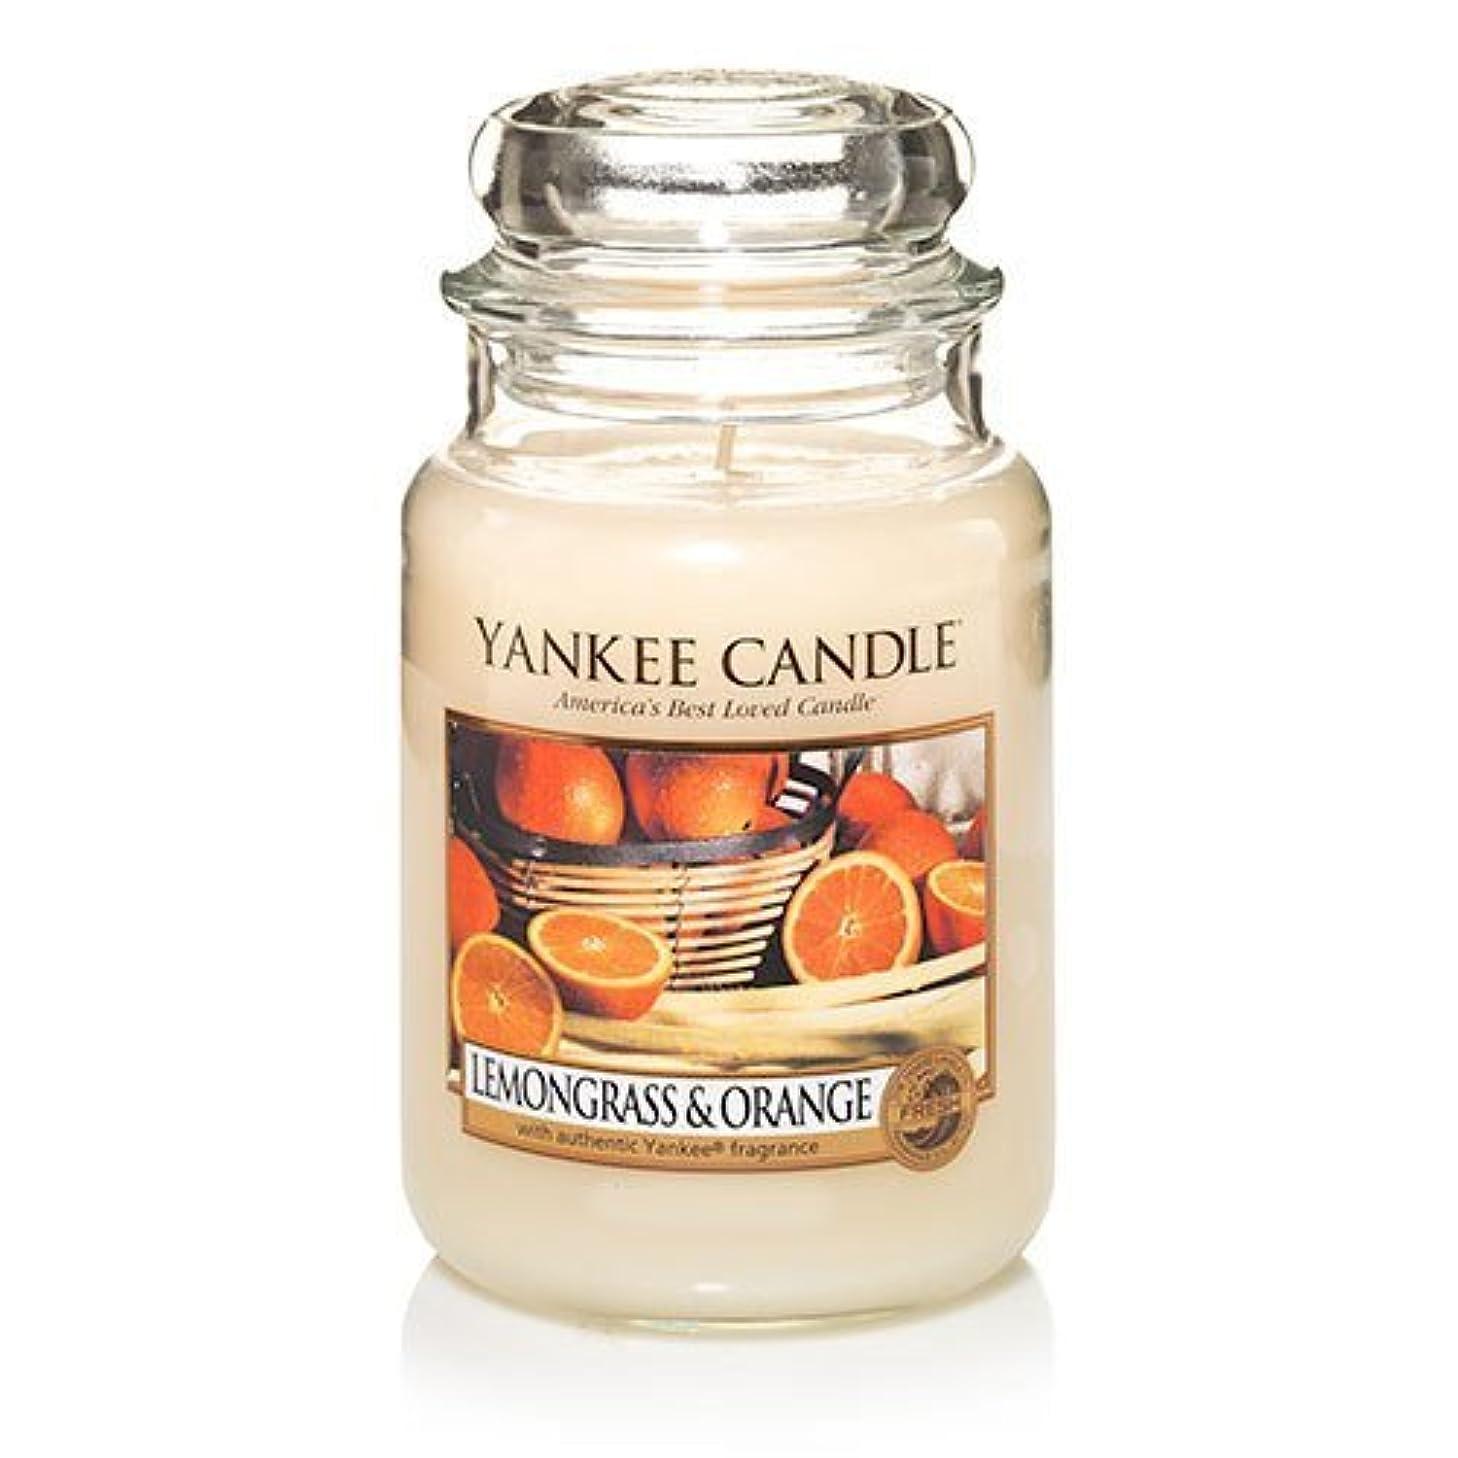 考慮マーチャンダイザー忘れっぽいYankee Candle Lemongrass & Orange - 22oz Large Housewarmer Jar by Yankee Candle [並行輸入品]